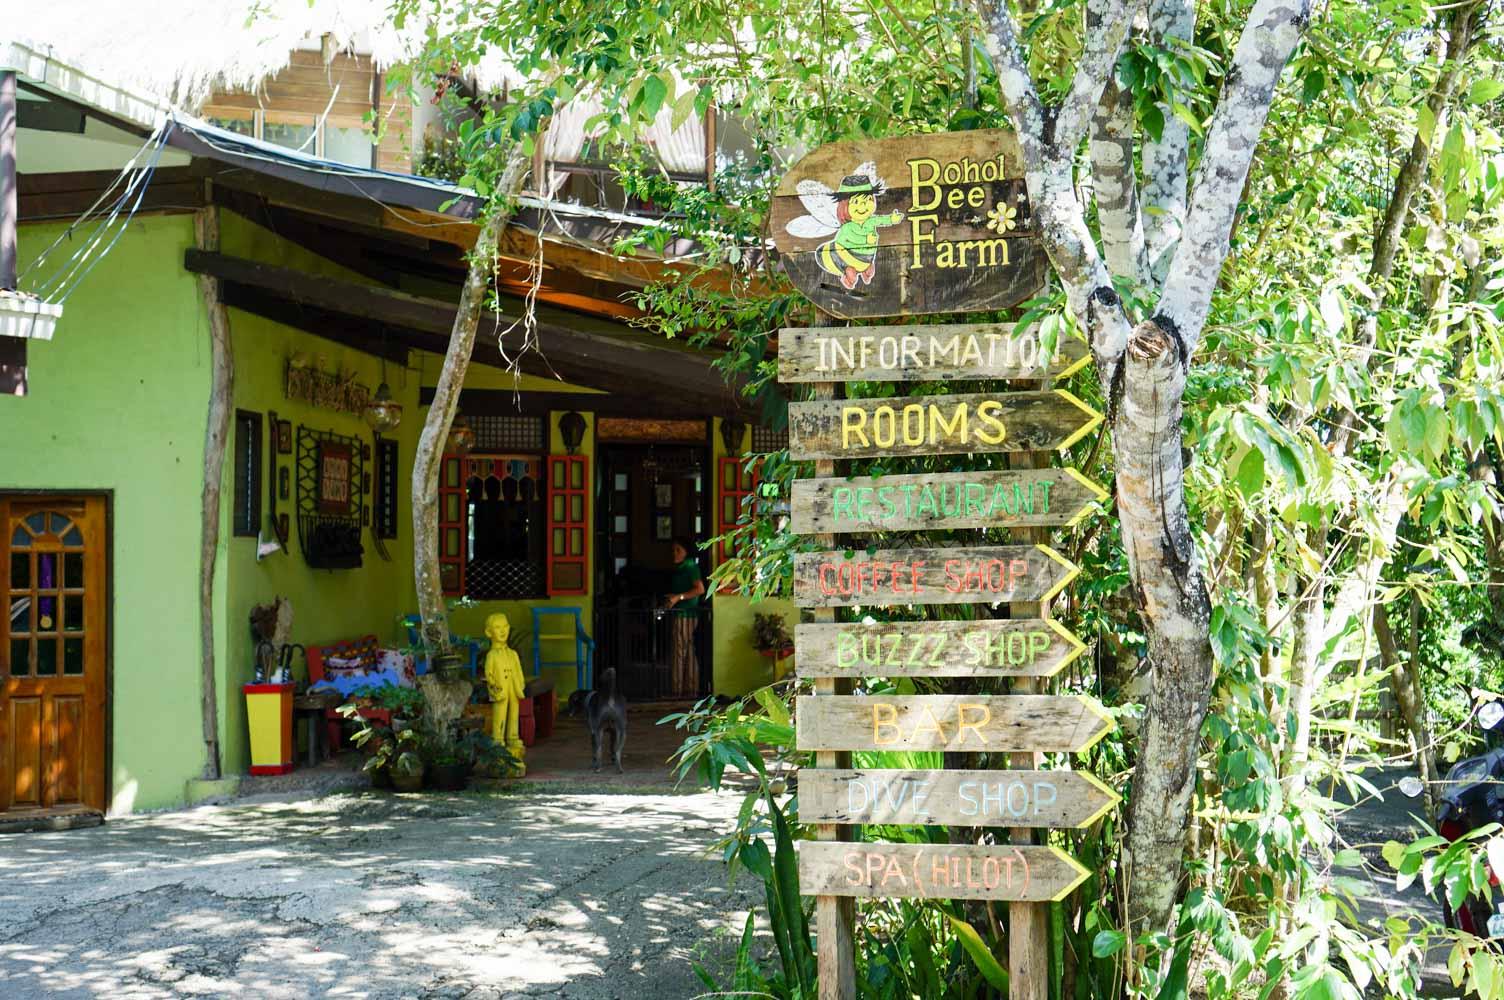 薄荷島美食餐廳│蜜蜂農場Bohol Bee Farm Resort│兩間分店比較心得、薄荷島必訪有機餐廳